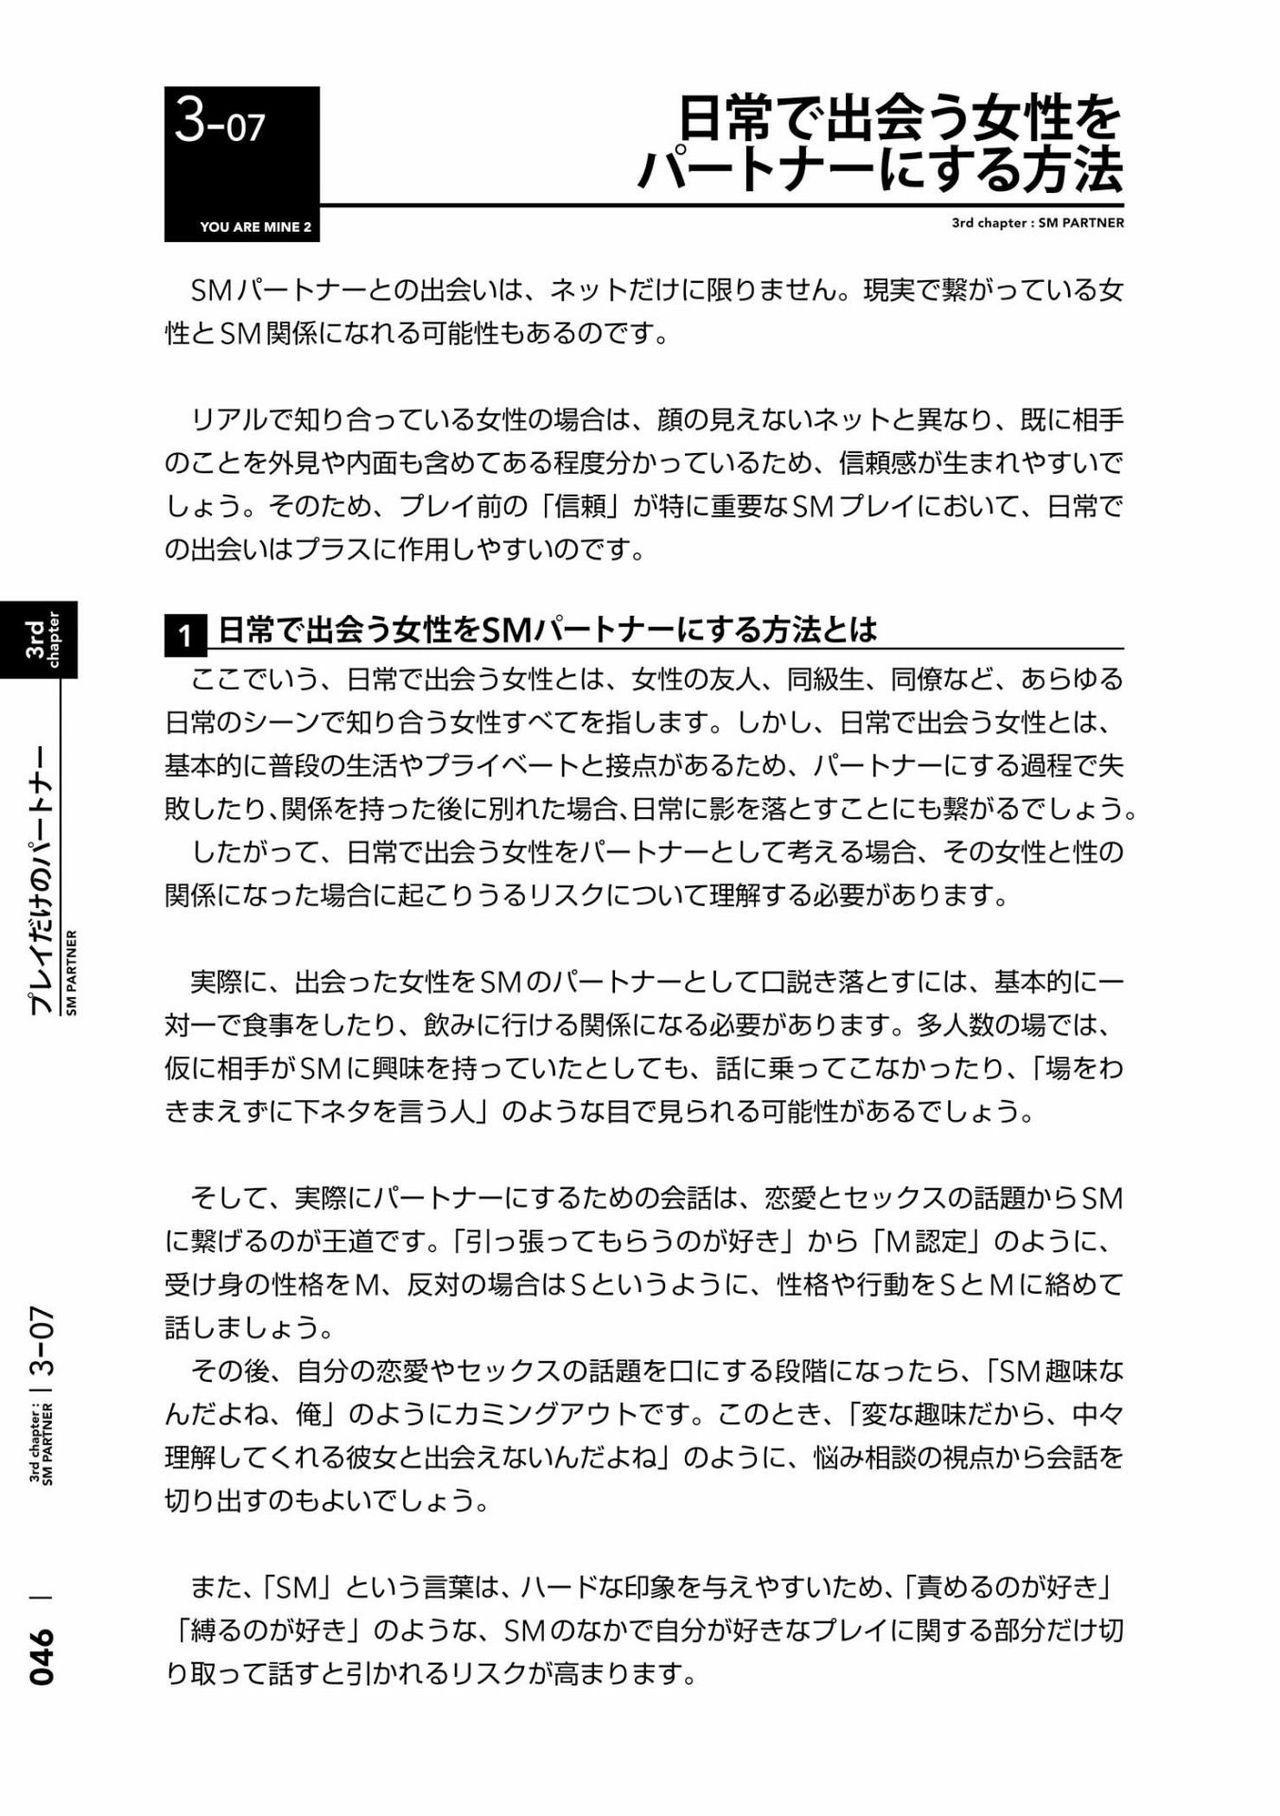 [Mitsuba] Karada mo Kokoro mo Boku no Mono ~Hajimete no SM Guide~ 2 [Digital] 48